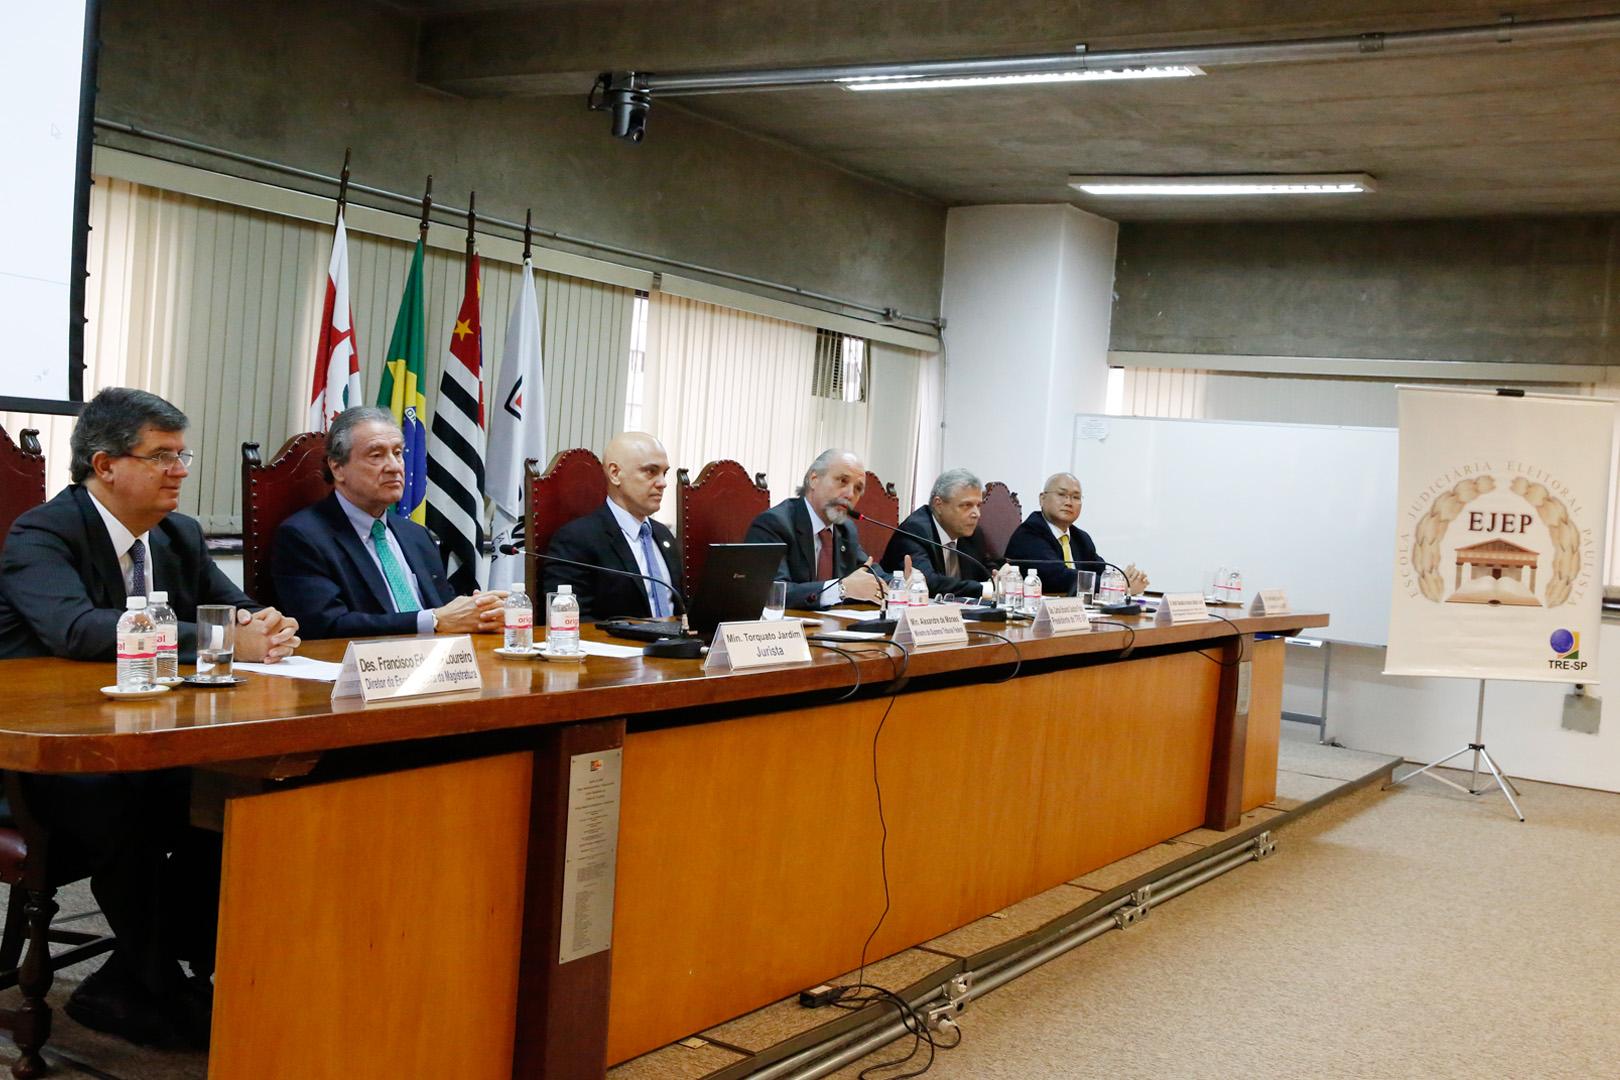 EJEP e EPM promovem seminário 'Ações penais na Justiça Eleitoral e o combate à corrupção'